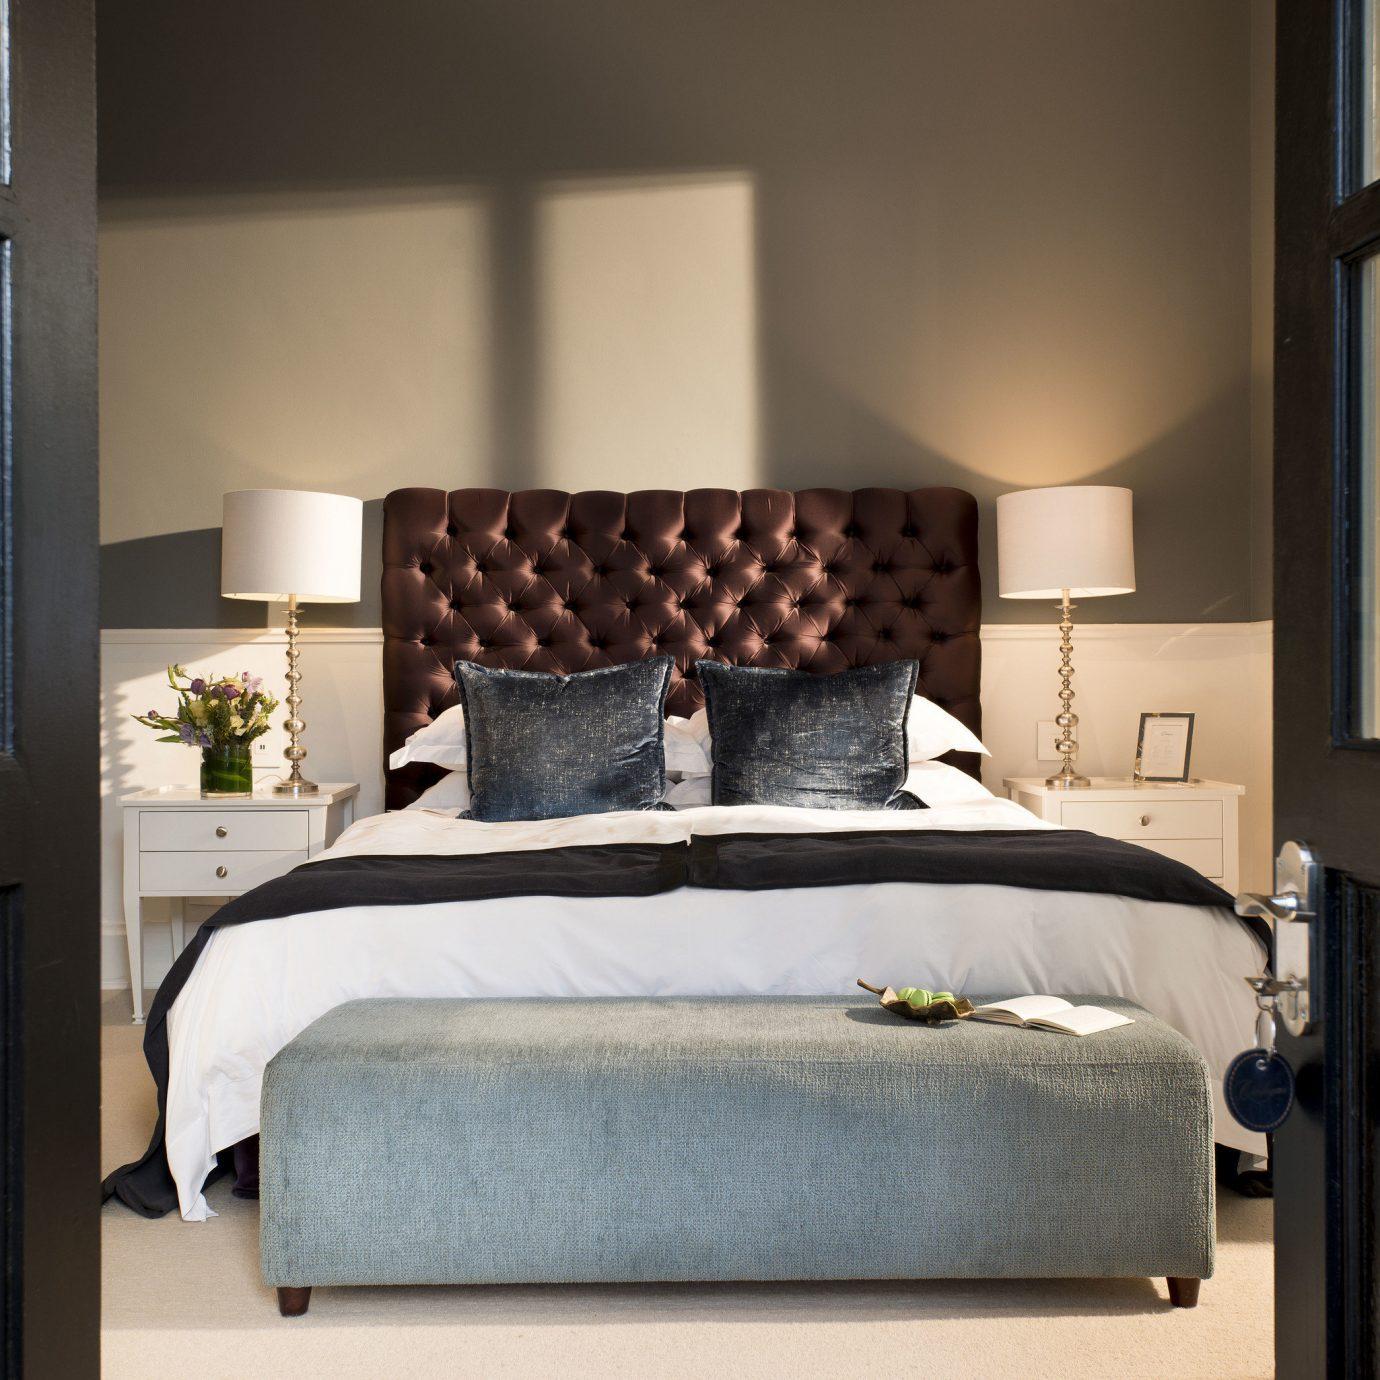 Bedroom property home living room Suite bed frame bed sheet cottage